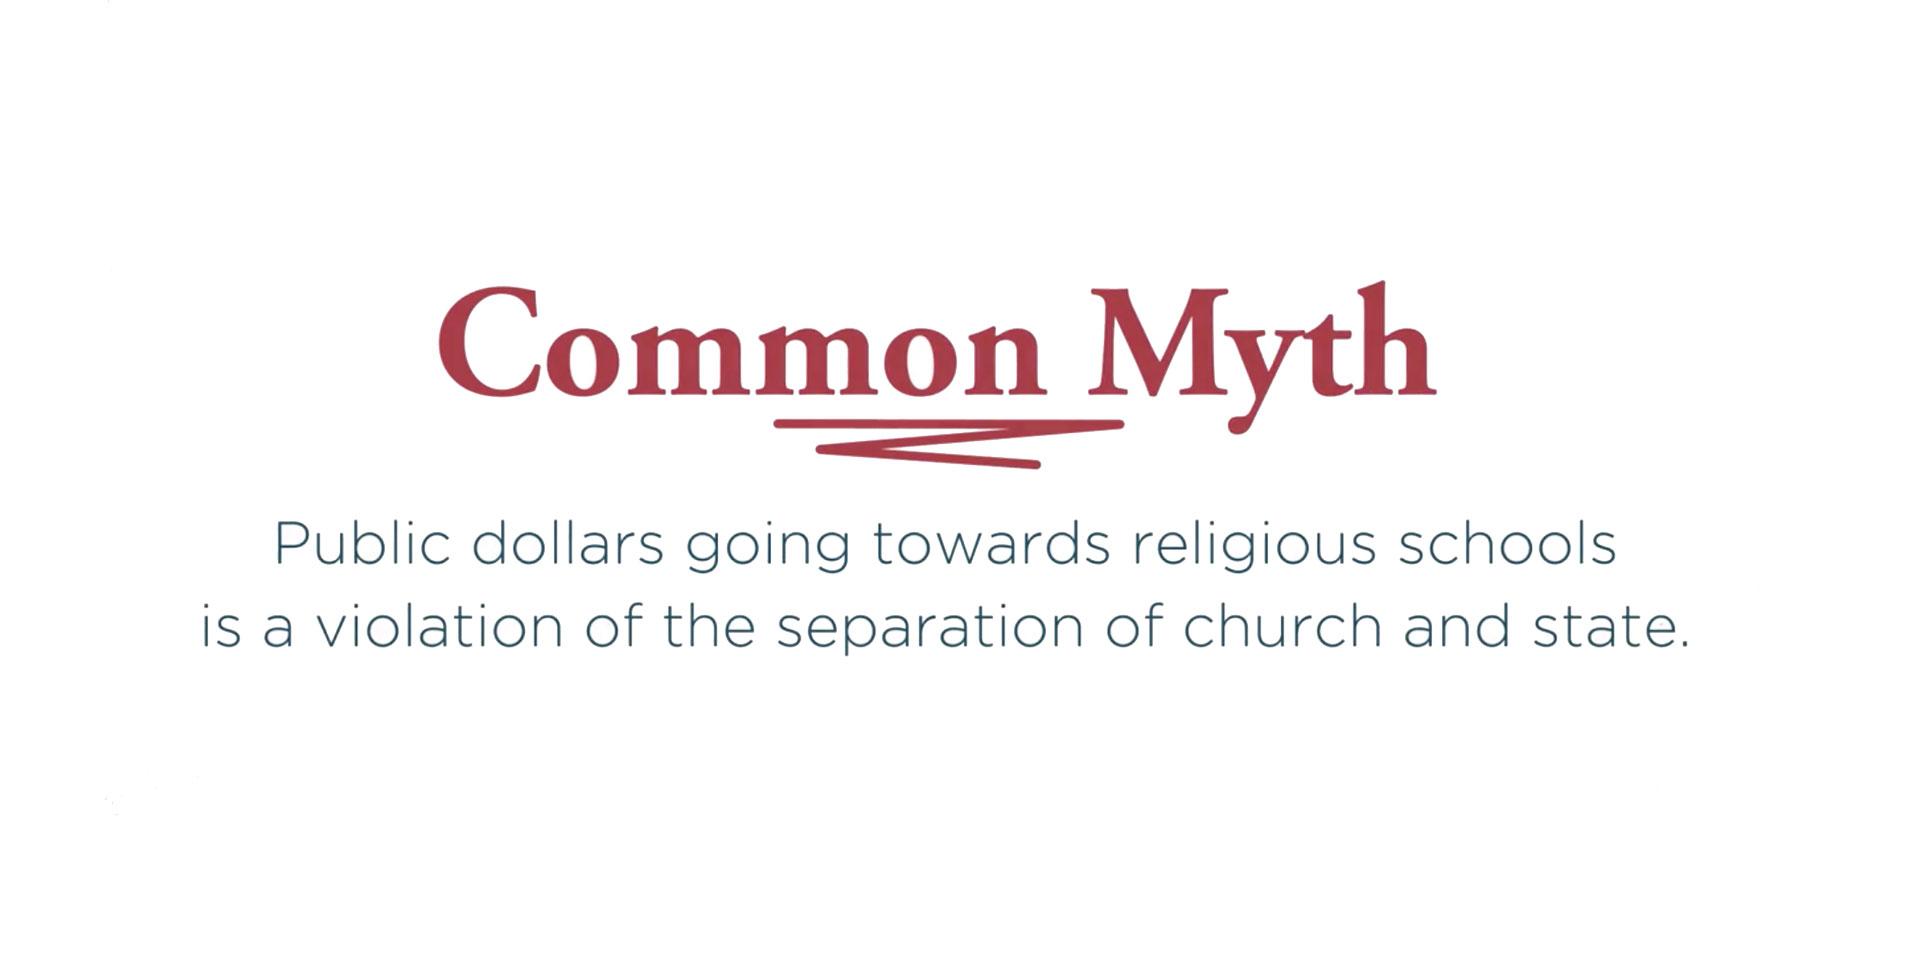 Common myth graphic religious schools